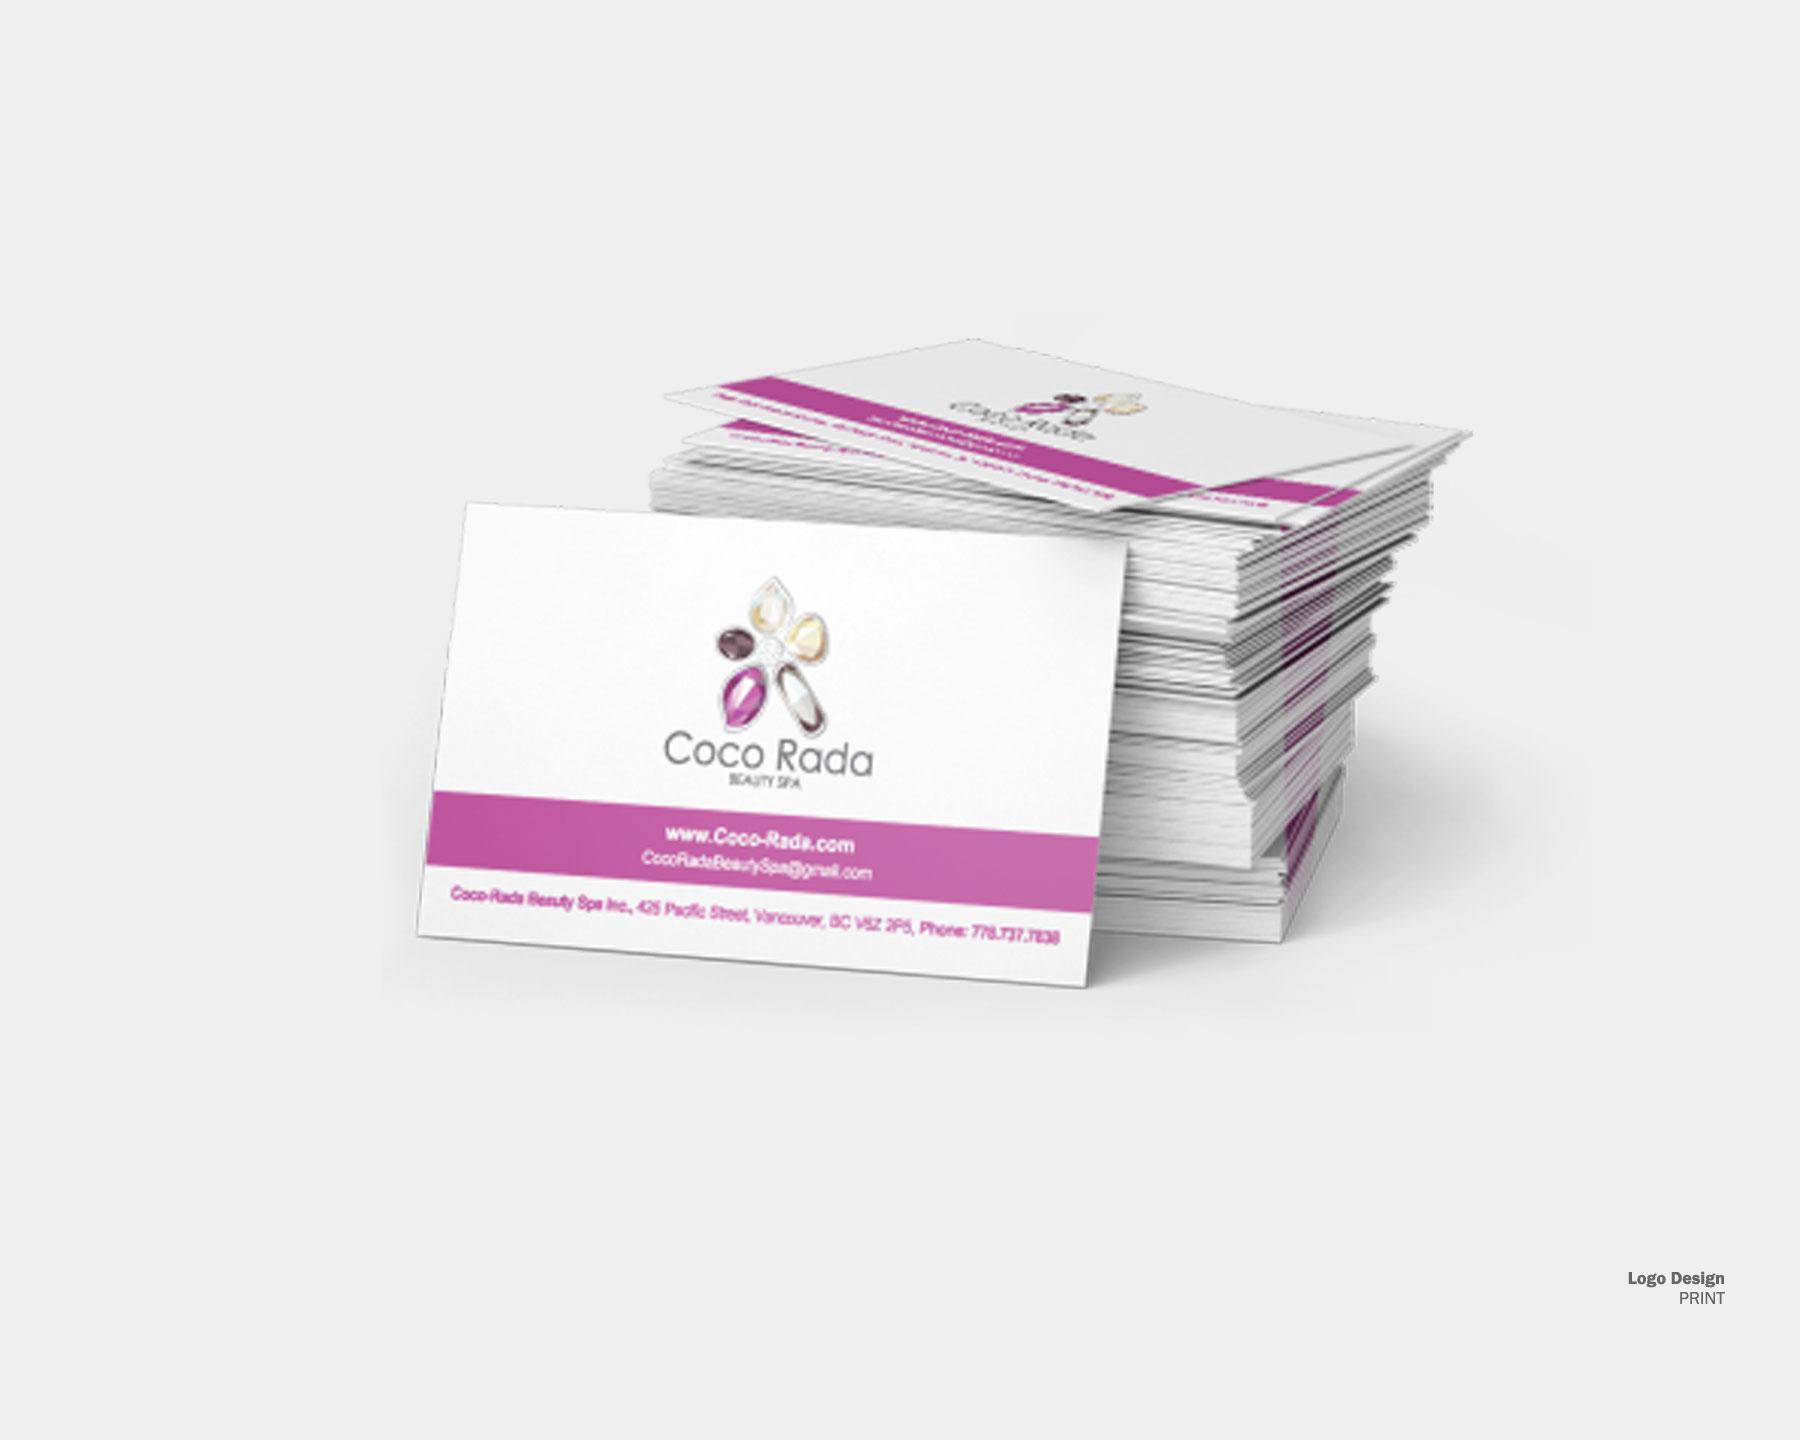 CMY-Print-logo-CocoRada